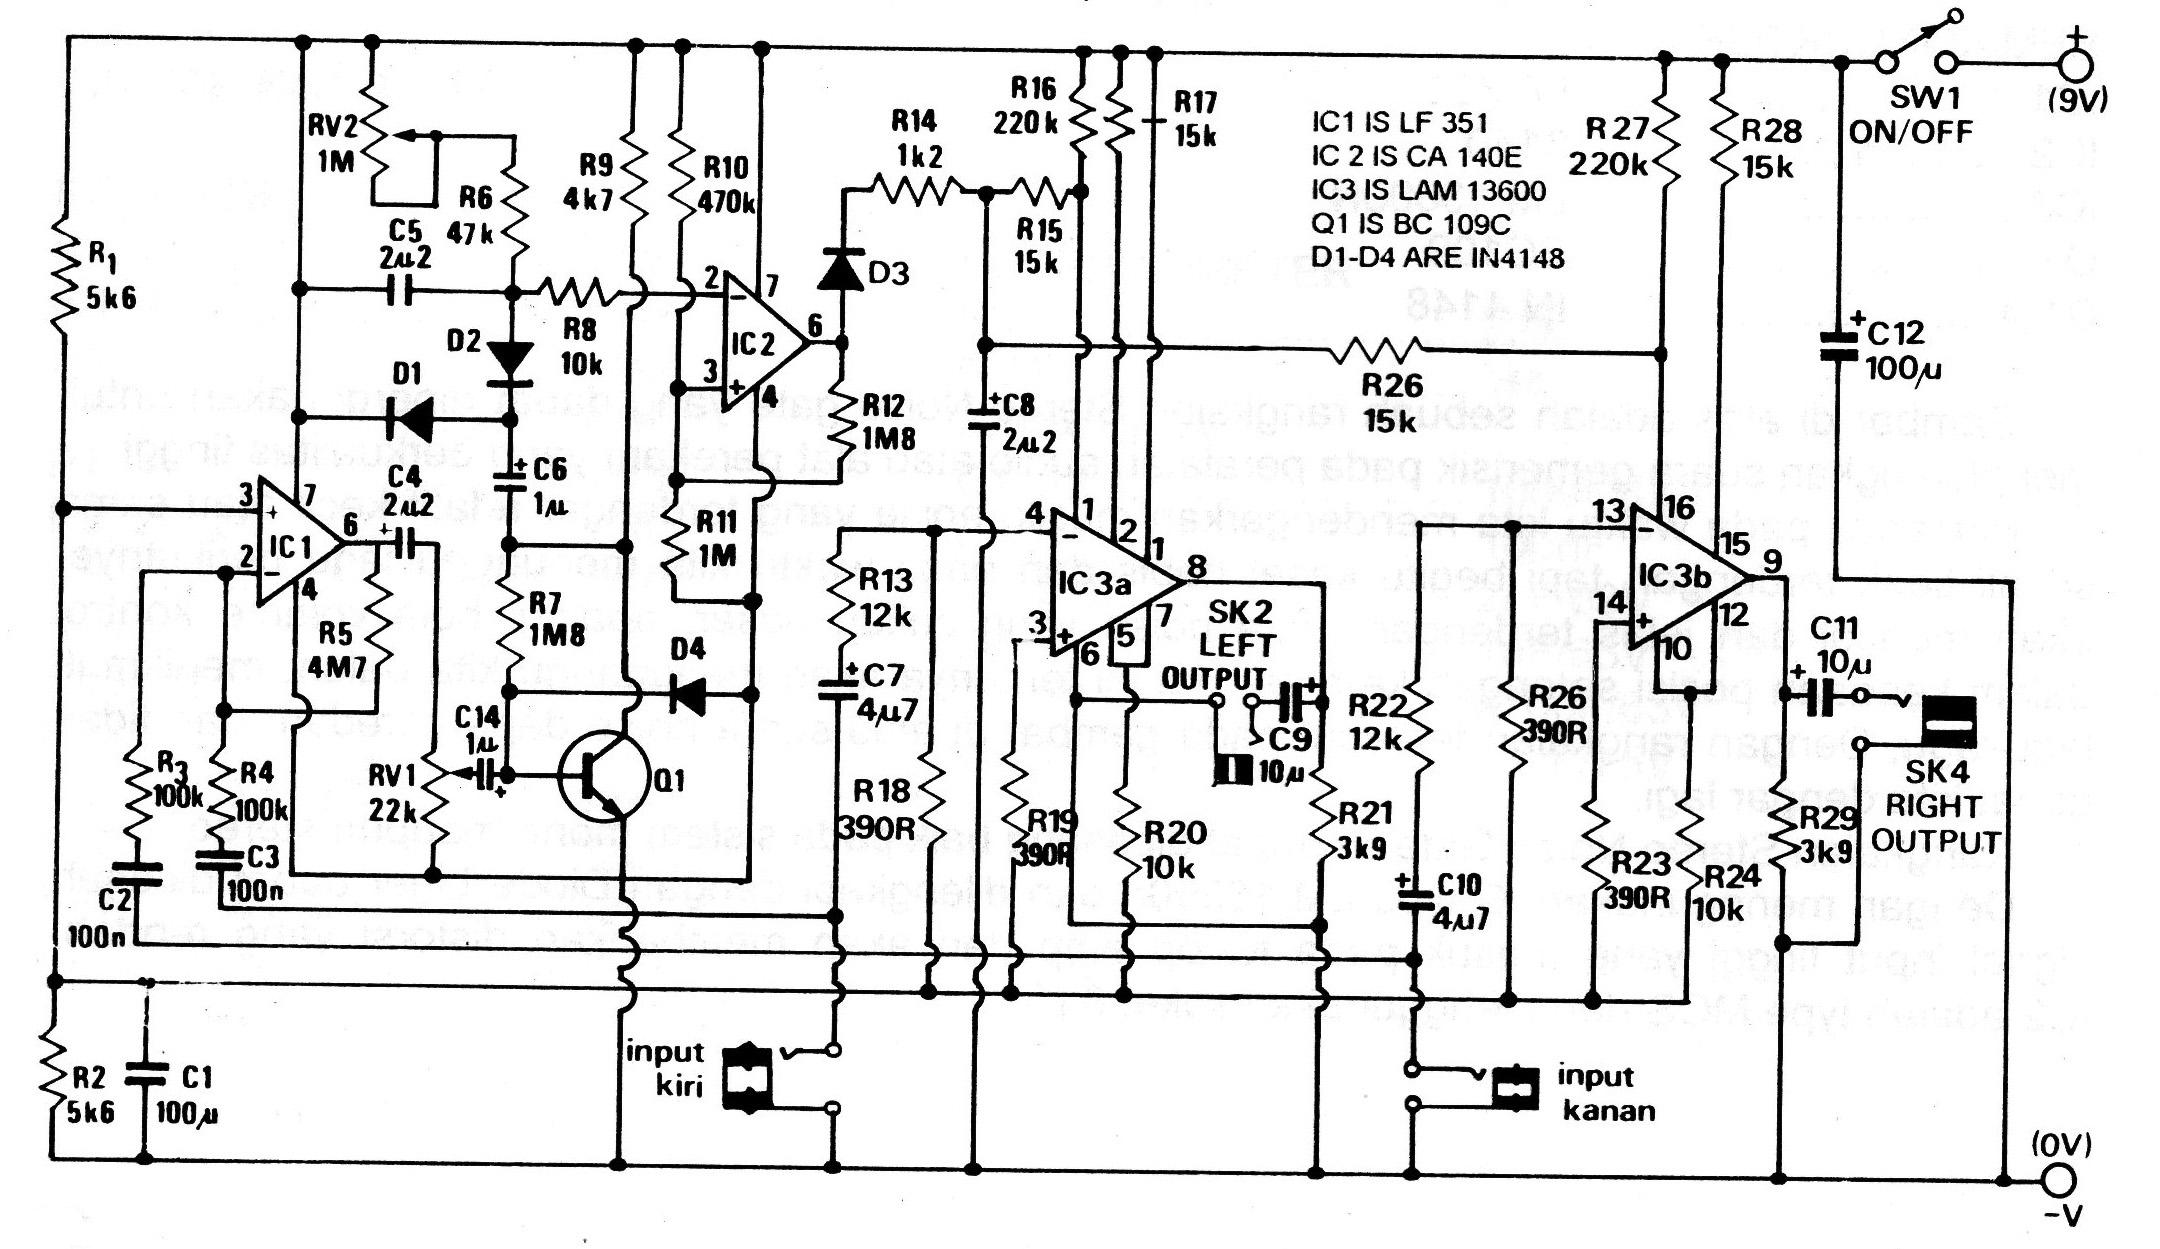 ... Skema Rangkaian Penghilang Noise | Gambar Skema Rangkaian Elektronika